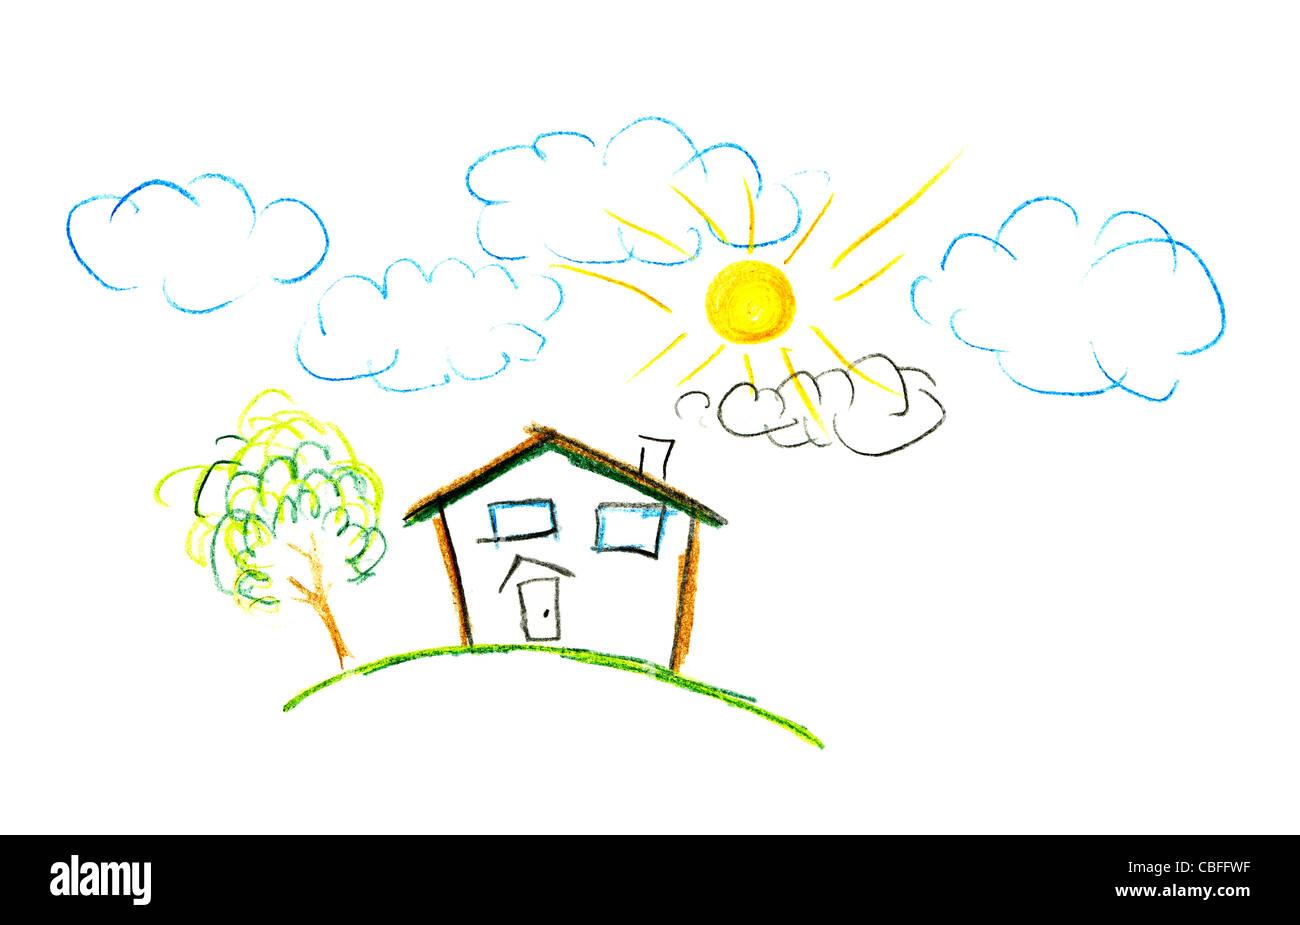 Dessin D Une Chambre D Enfant dessin d'enfant de leur chambre. le style de dessin crayon